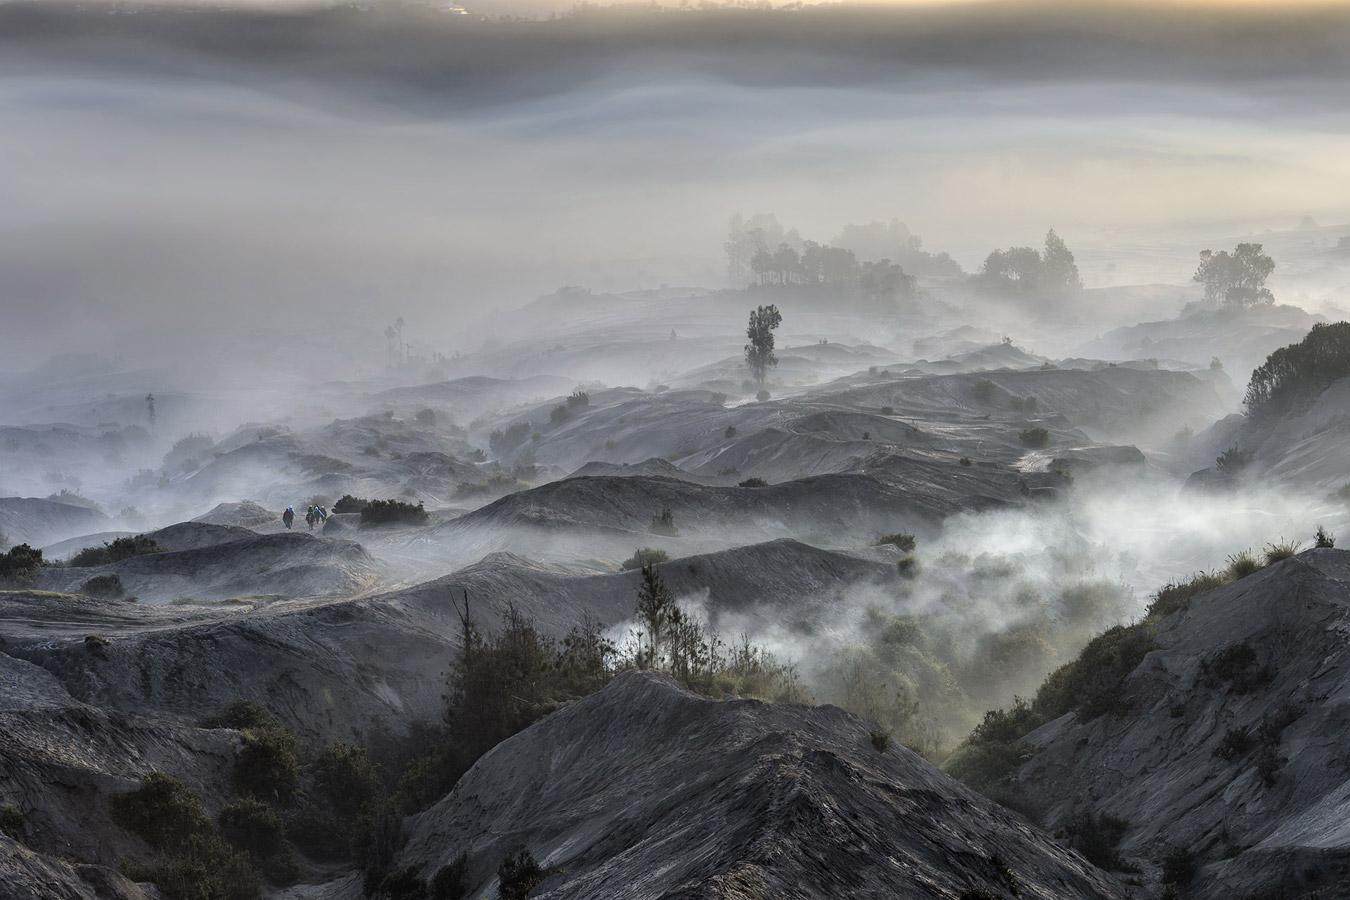 Мин Тан / Min Tan, Саравак, Малайзия, Почётная оценка в категории «Пейзаж», Фотоконкурс «Лучшая природная фотография Азии» — Nature's Best Photography Asia